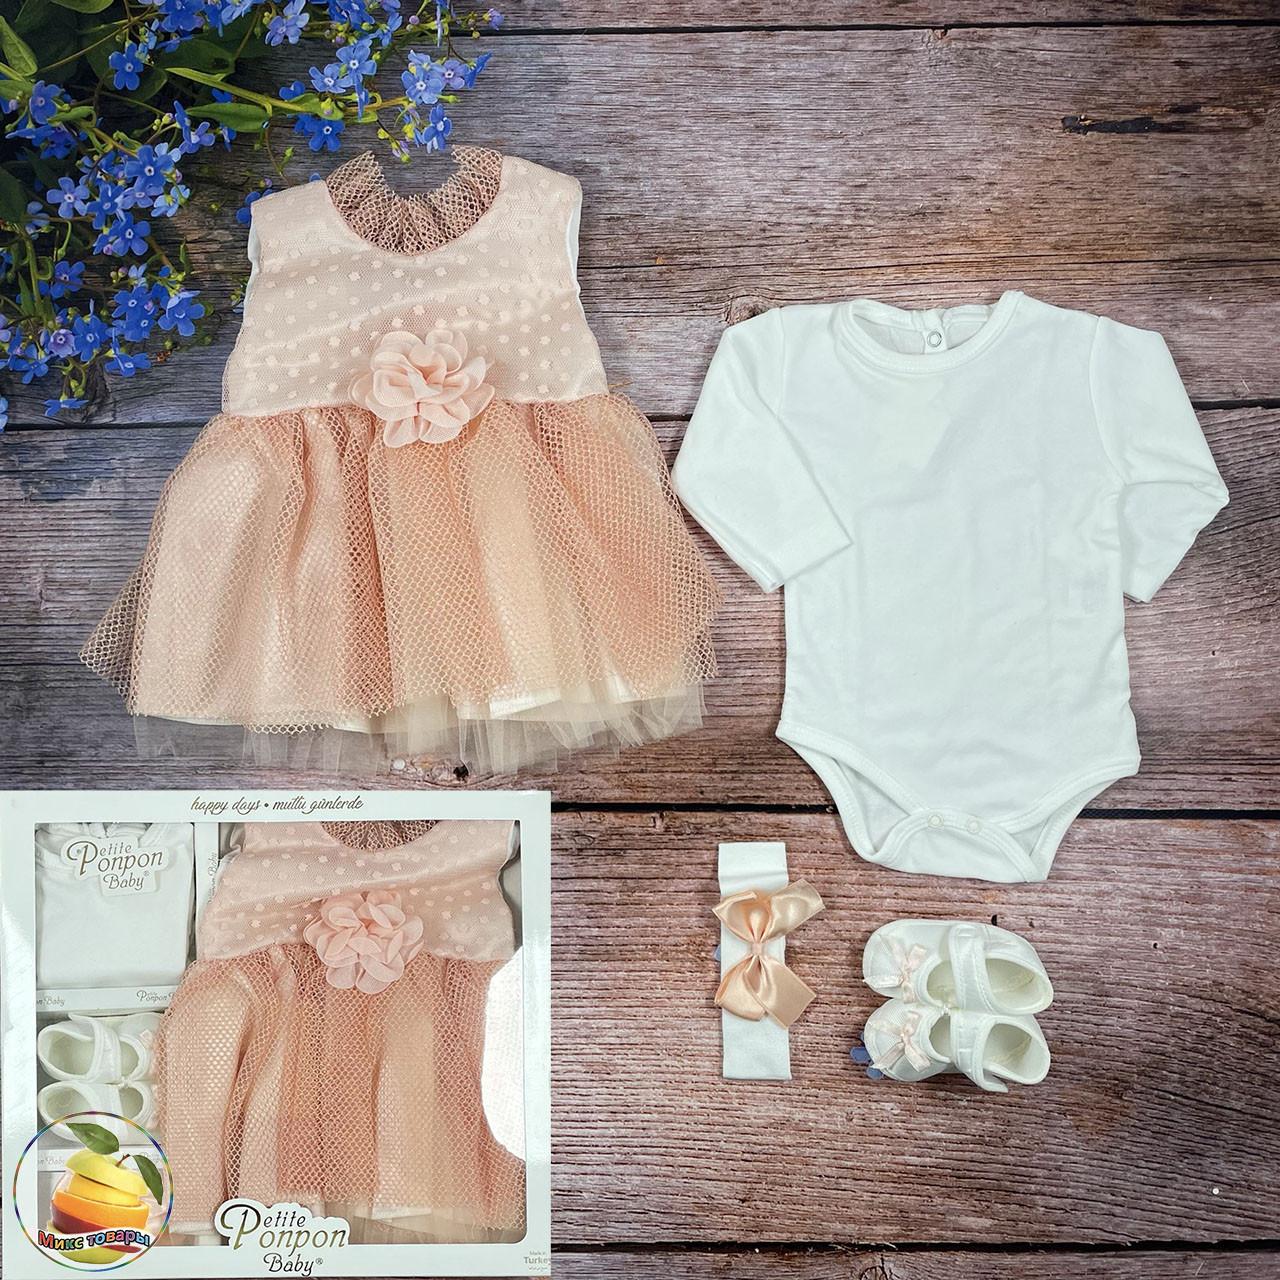 Персикова сукня, боді, пінетки і пов'язка для дівчинки Розмір: 0-3 місяці (01958-3)